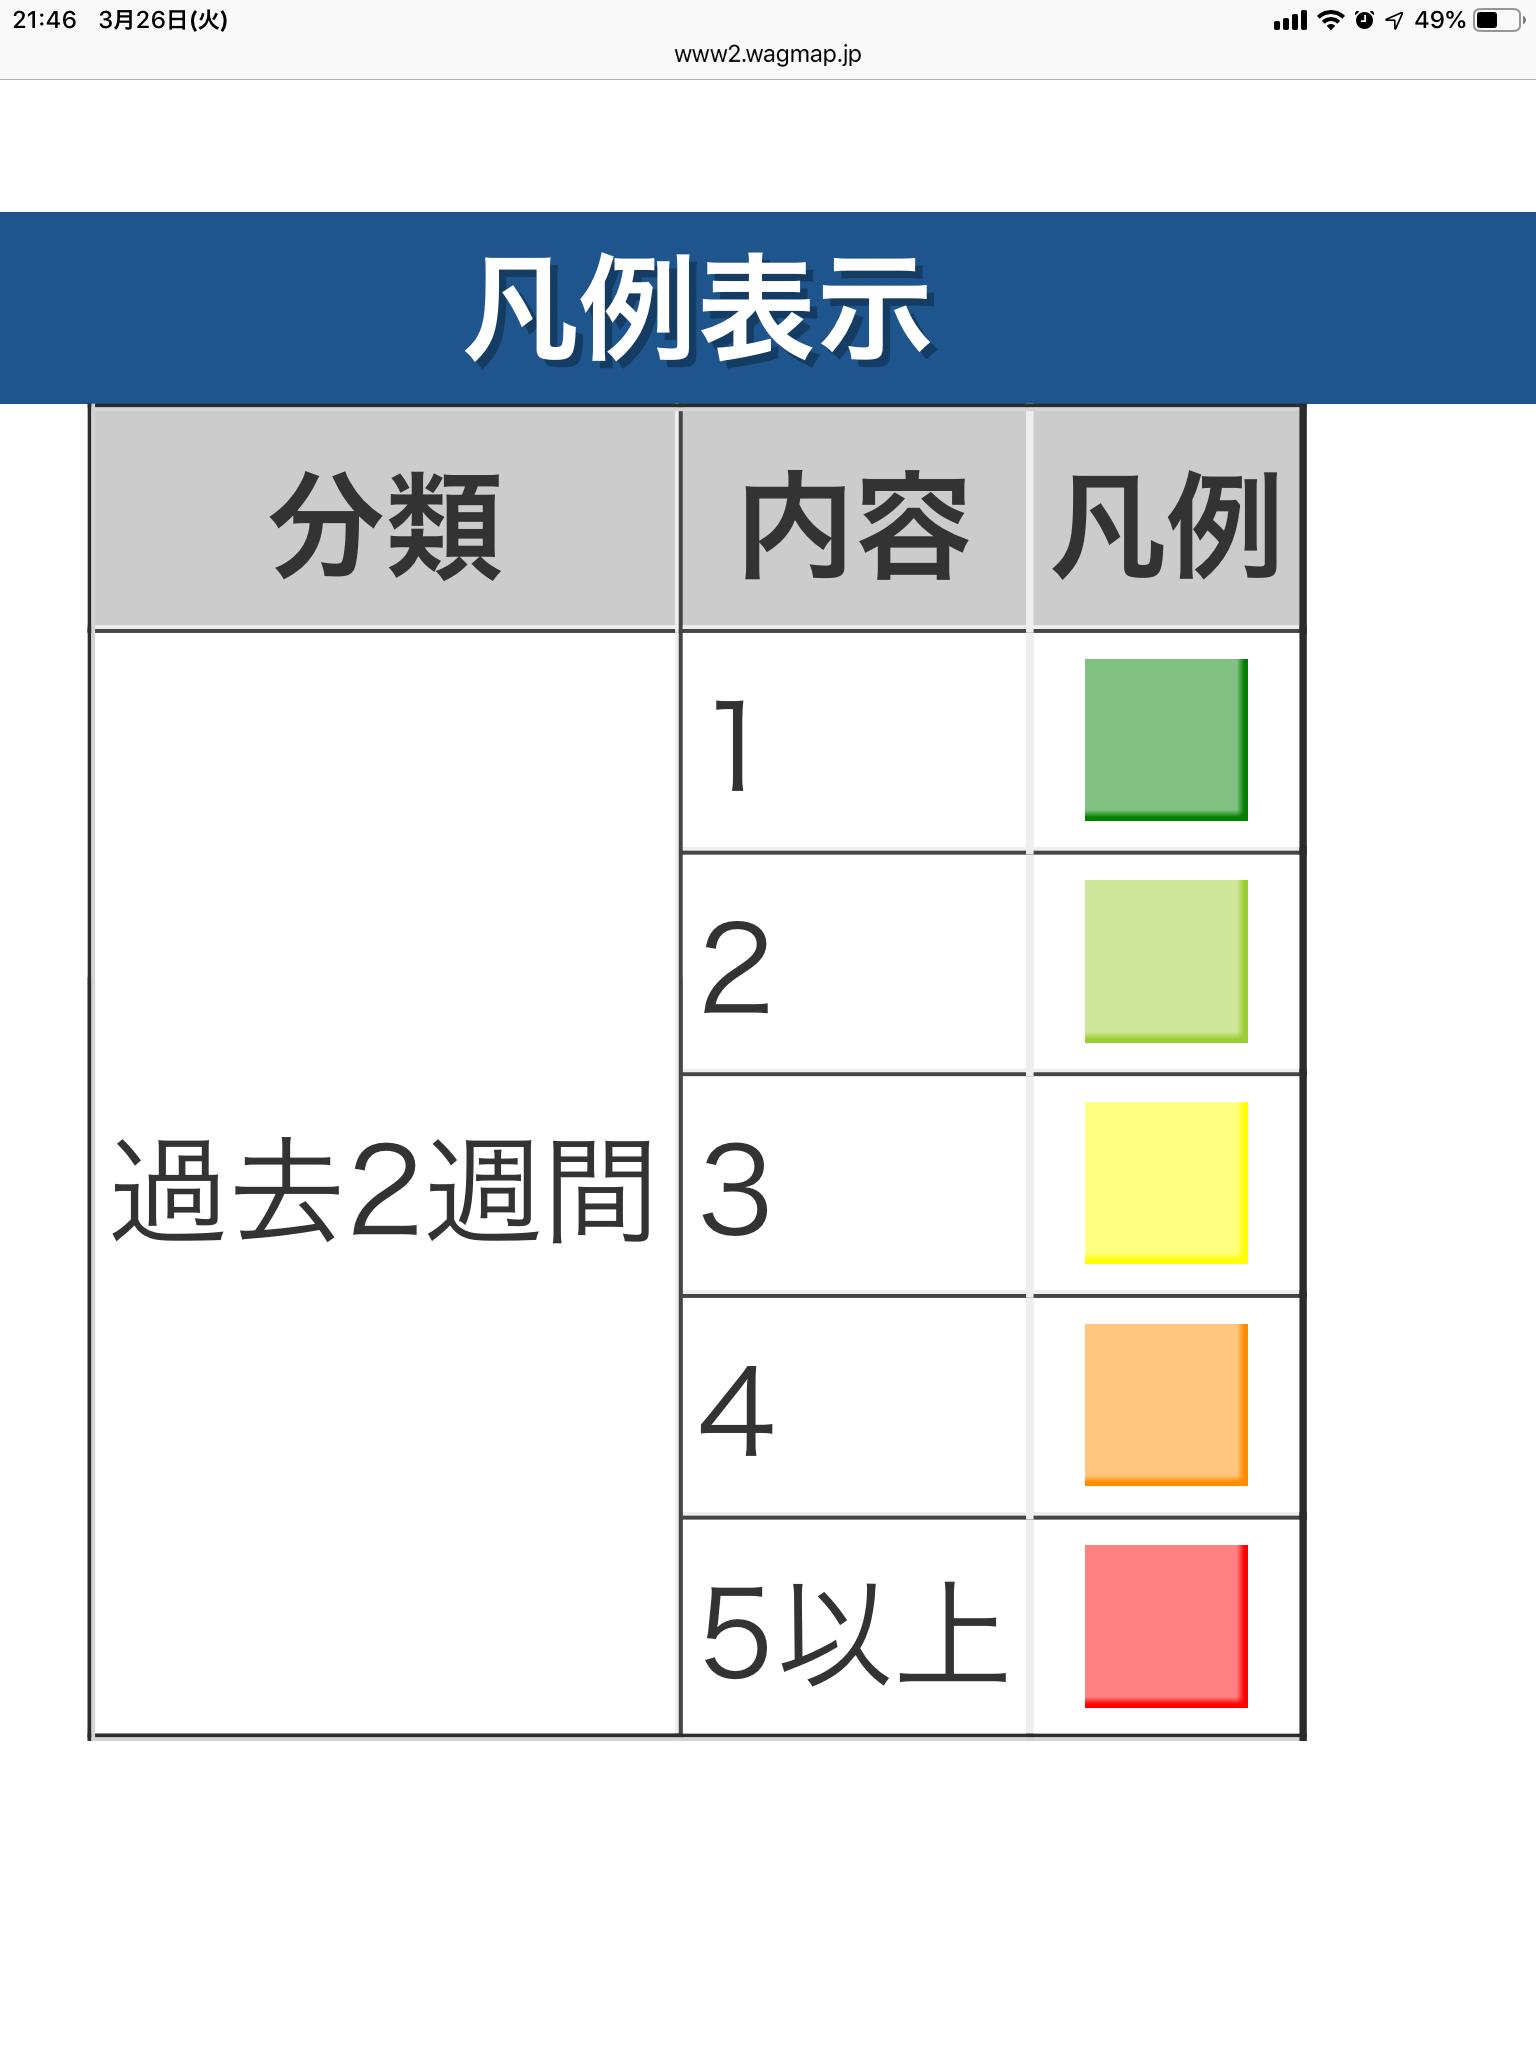 1DF6E7EA-AA5C-4F5F-B4CB-DE558A1F5DFB